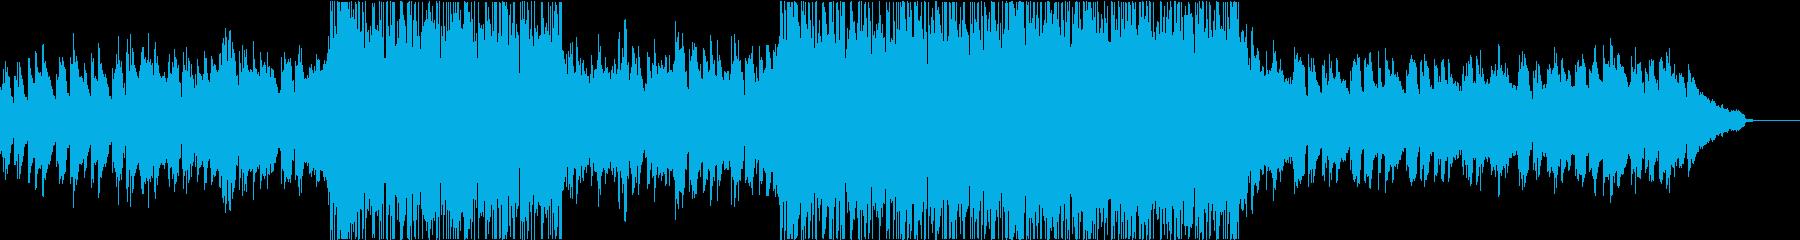 壮大で不穏な弦楽器シネマティックポップの再生済みの波形